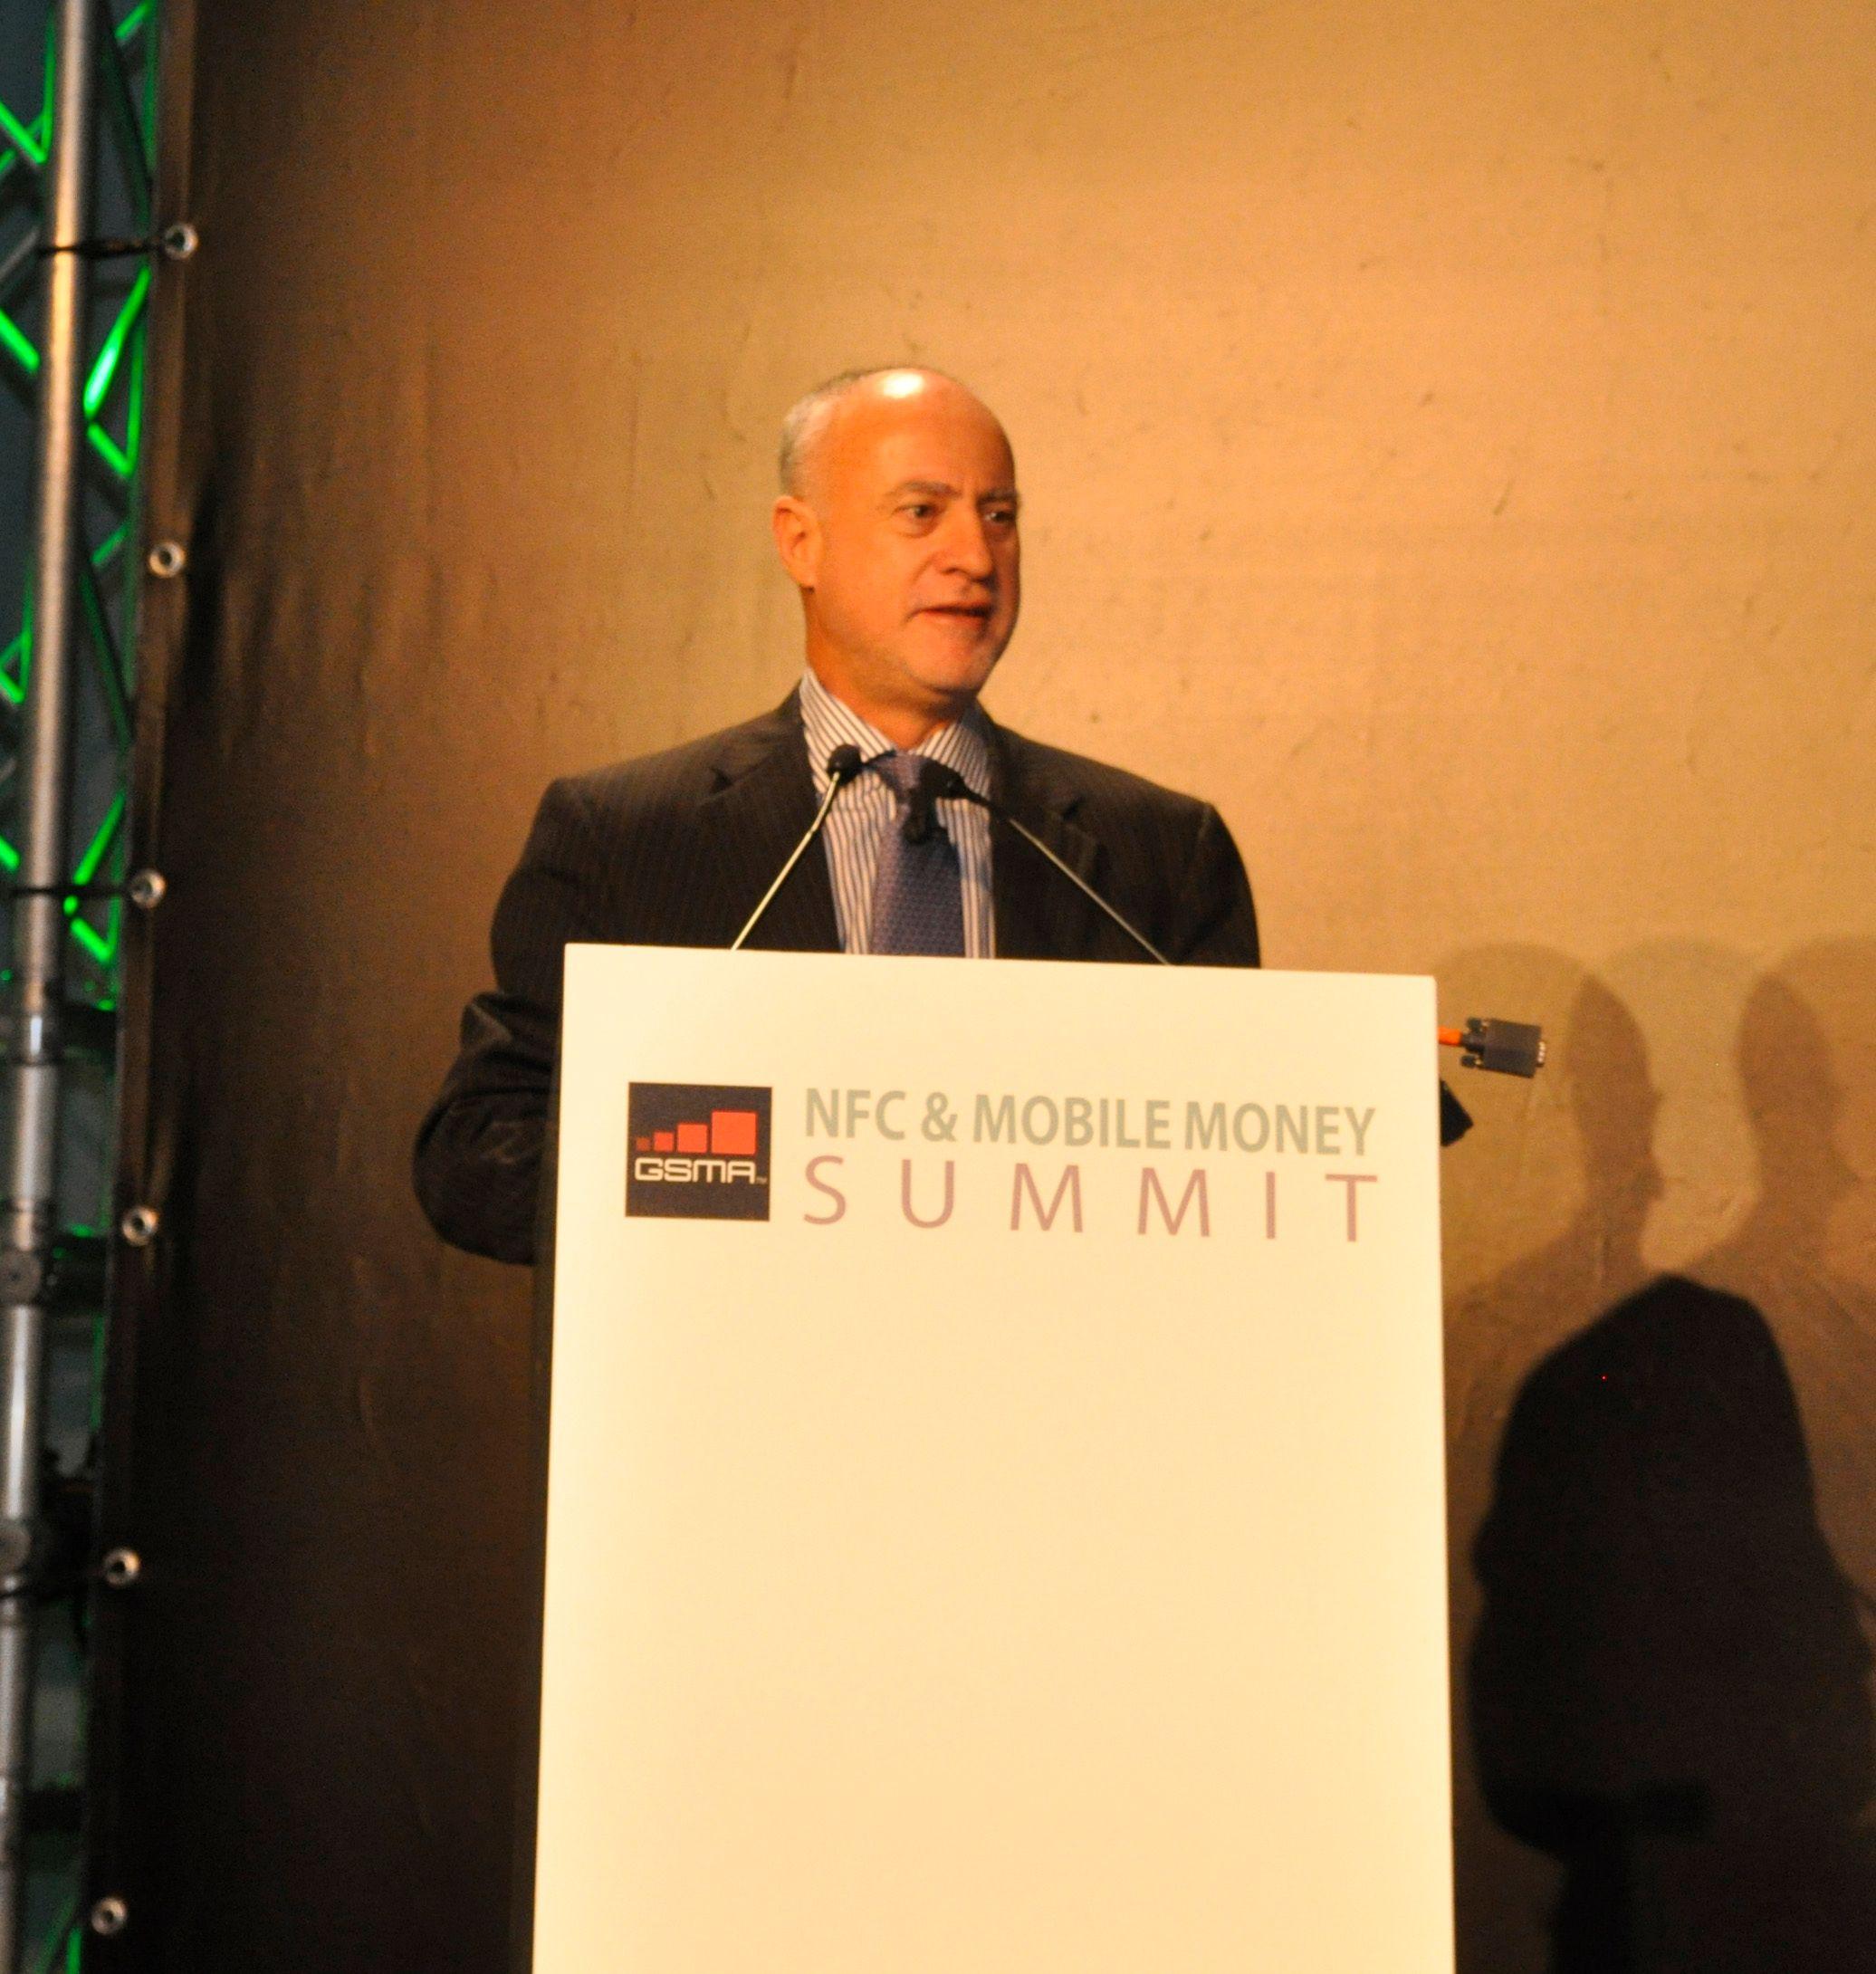 Michael Joseph er tidligere sjef hos den kenyanske operatøren Safaricom.Foto: Finn Jarle Kvalheim, Mobilen.no